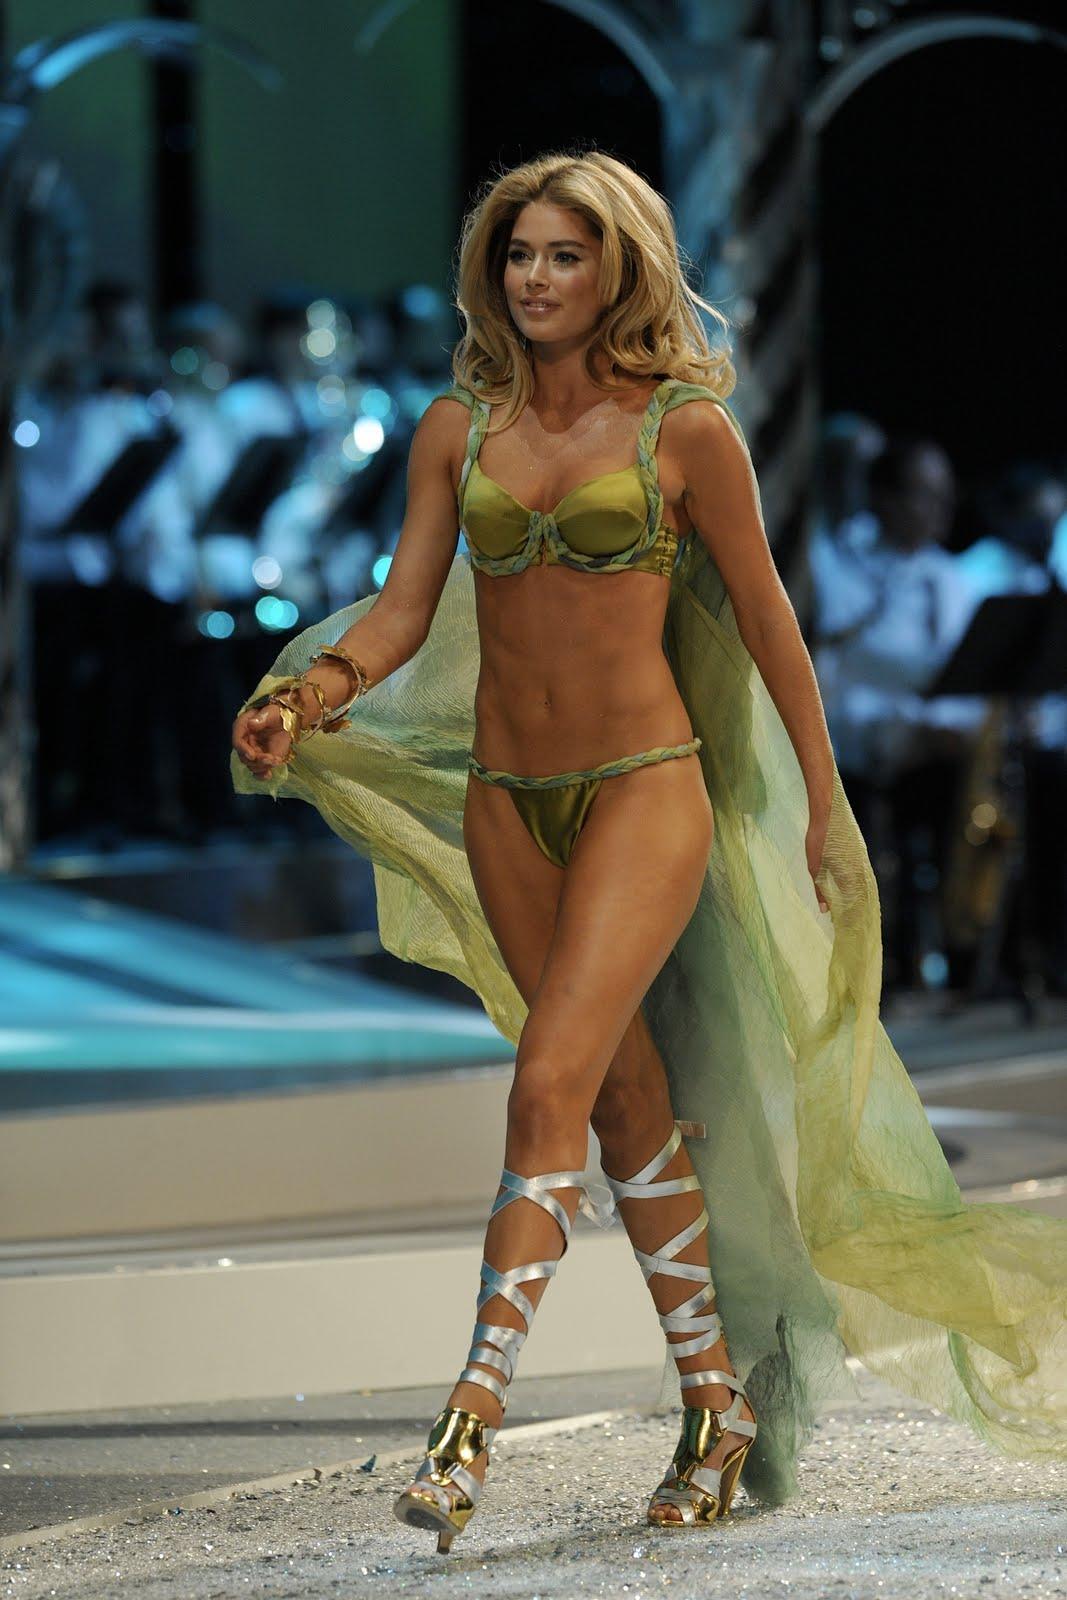 http://3.bp.blogspot.com/_2oG6HJyxuCw/TB4whn58QtI/AAAAAAAAAhY/E3mCDIOQr1o/s1600/50954_Doutzen_Kroes-2008_Victorias_Secret_Fashion_Show_Runway_0141_122_129lo.JPG